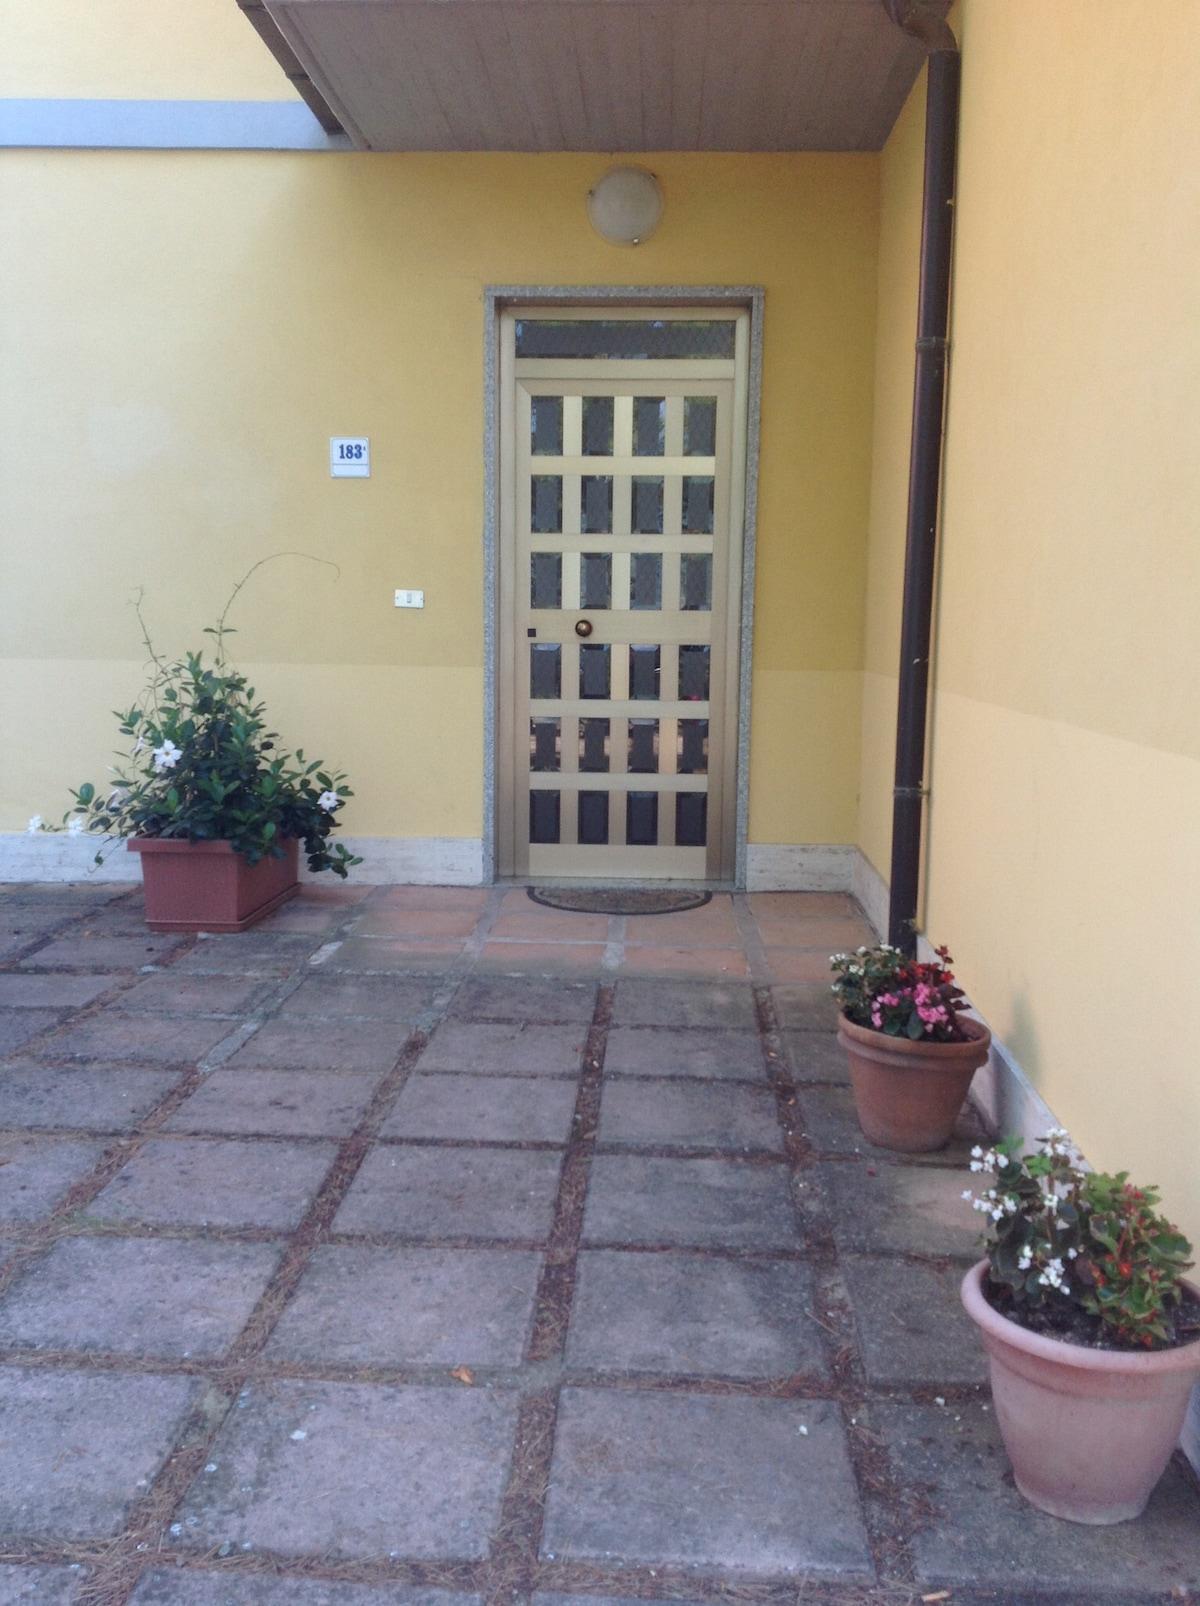 Antonella from Ascoli Piceno